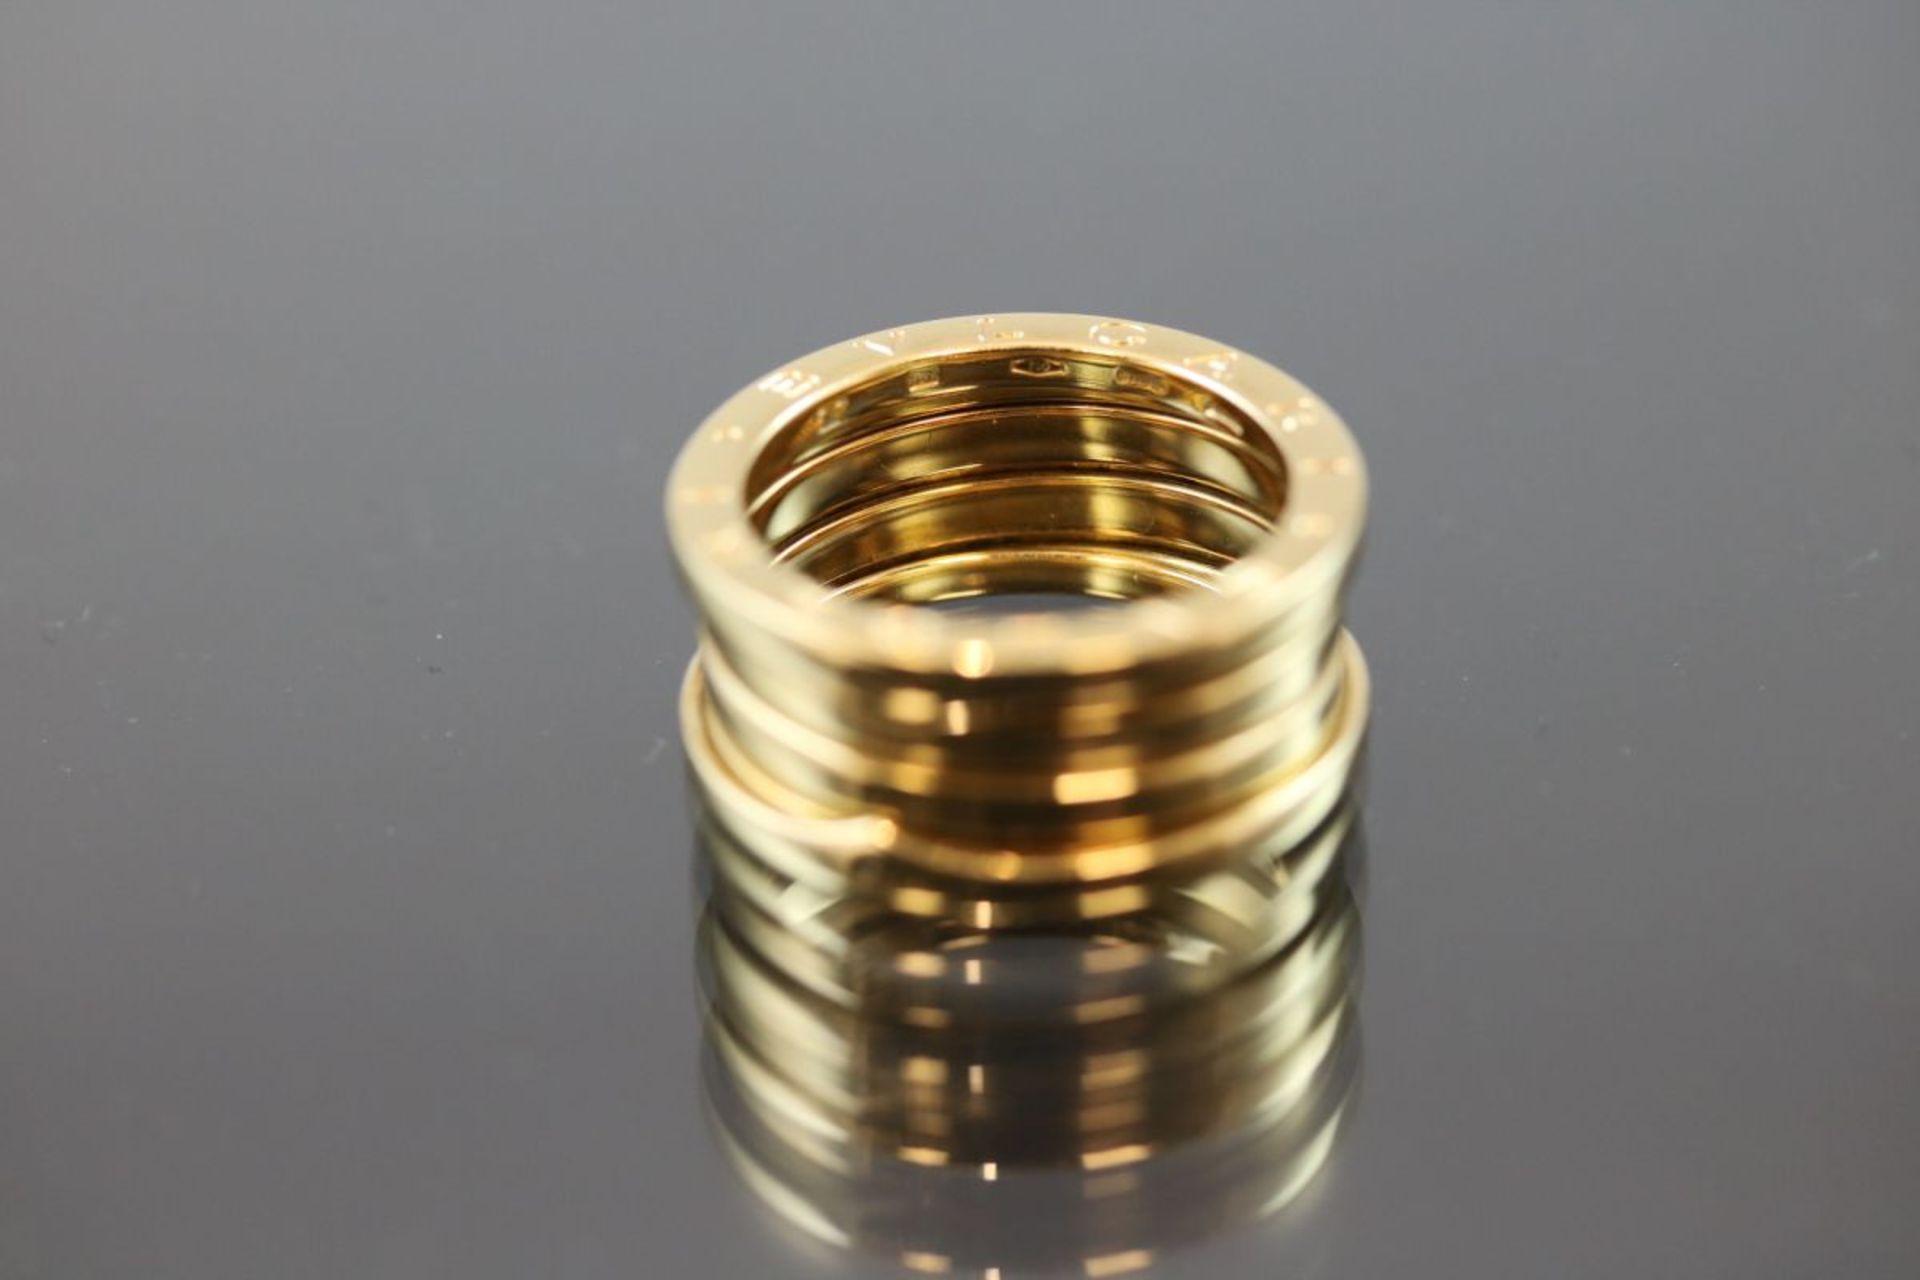 Bulgari-Ring, 750 Gold11,5 Gramm Ringgröße: 57Schätzpreis: 2050,- - Bild 3 aus 3